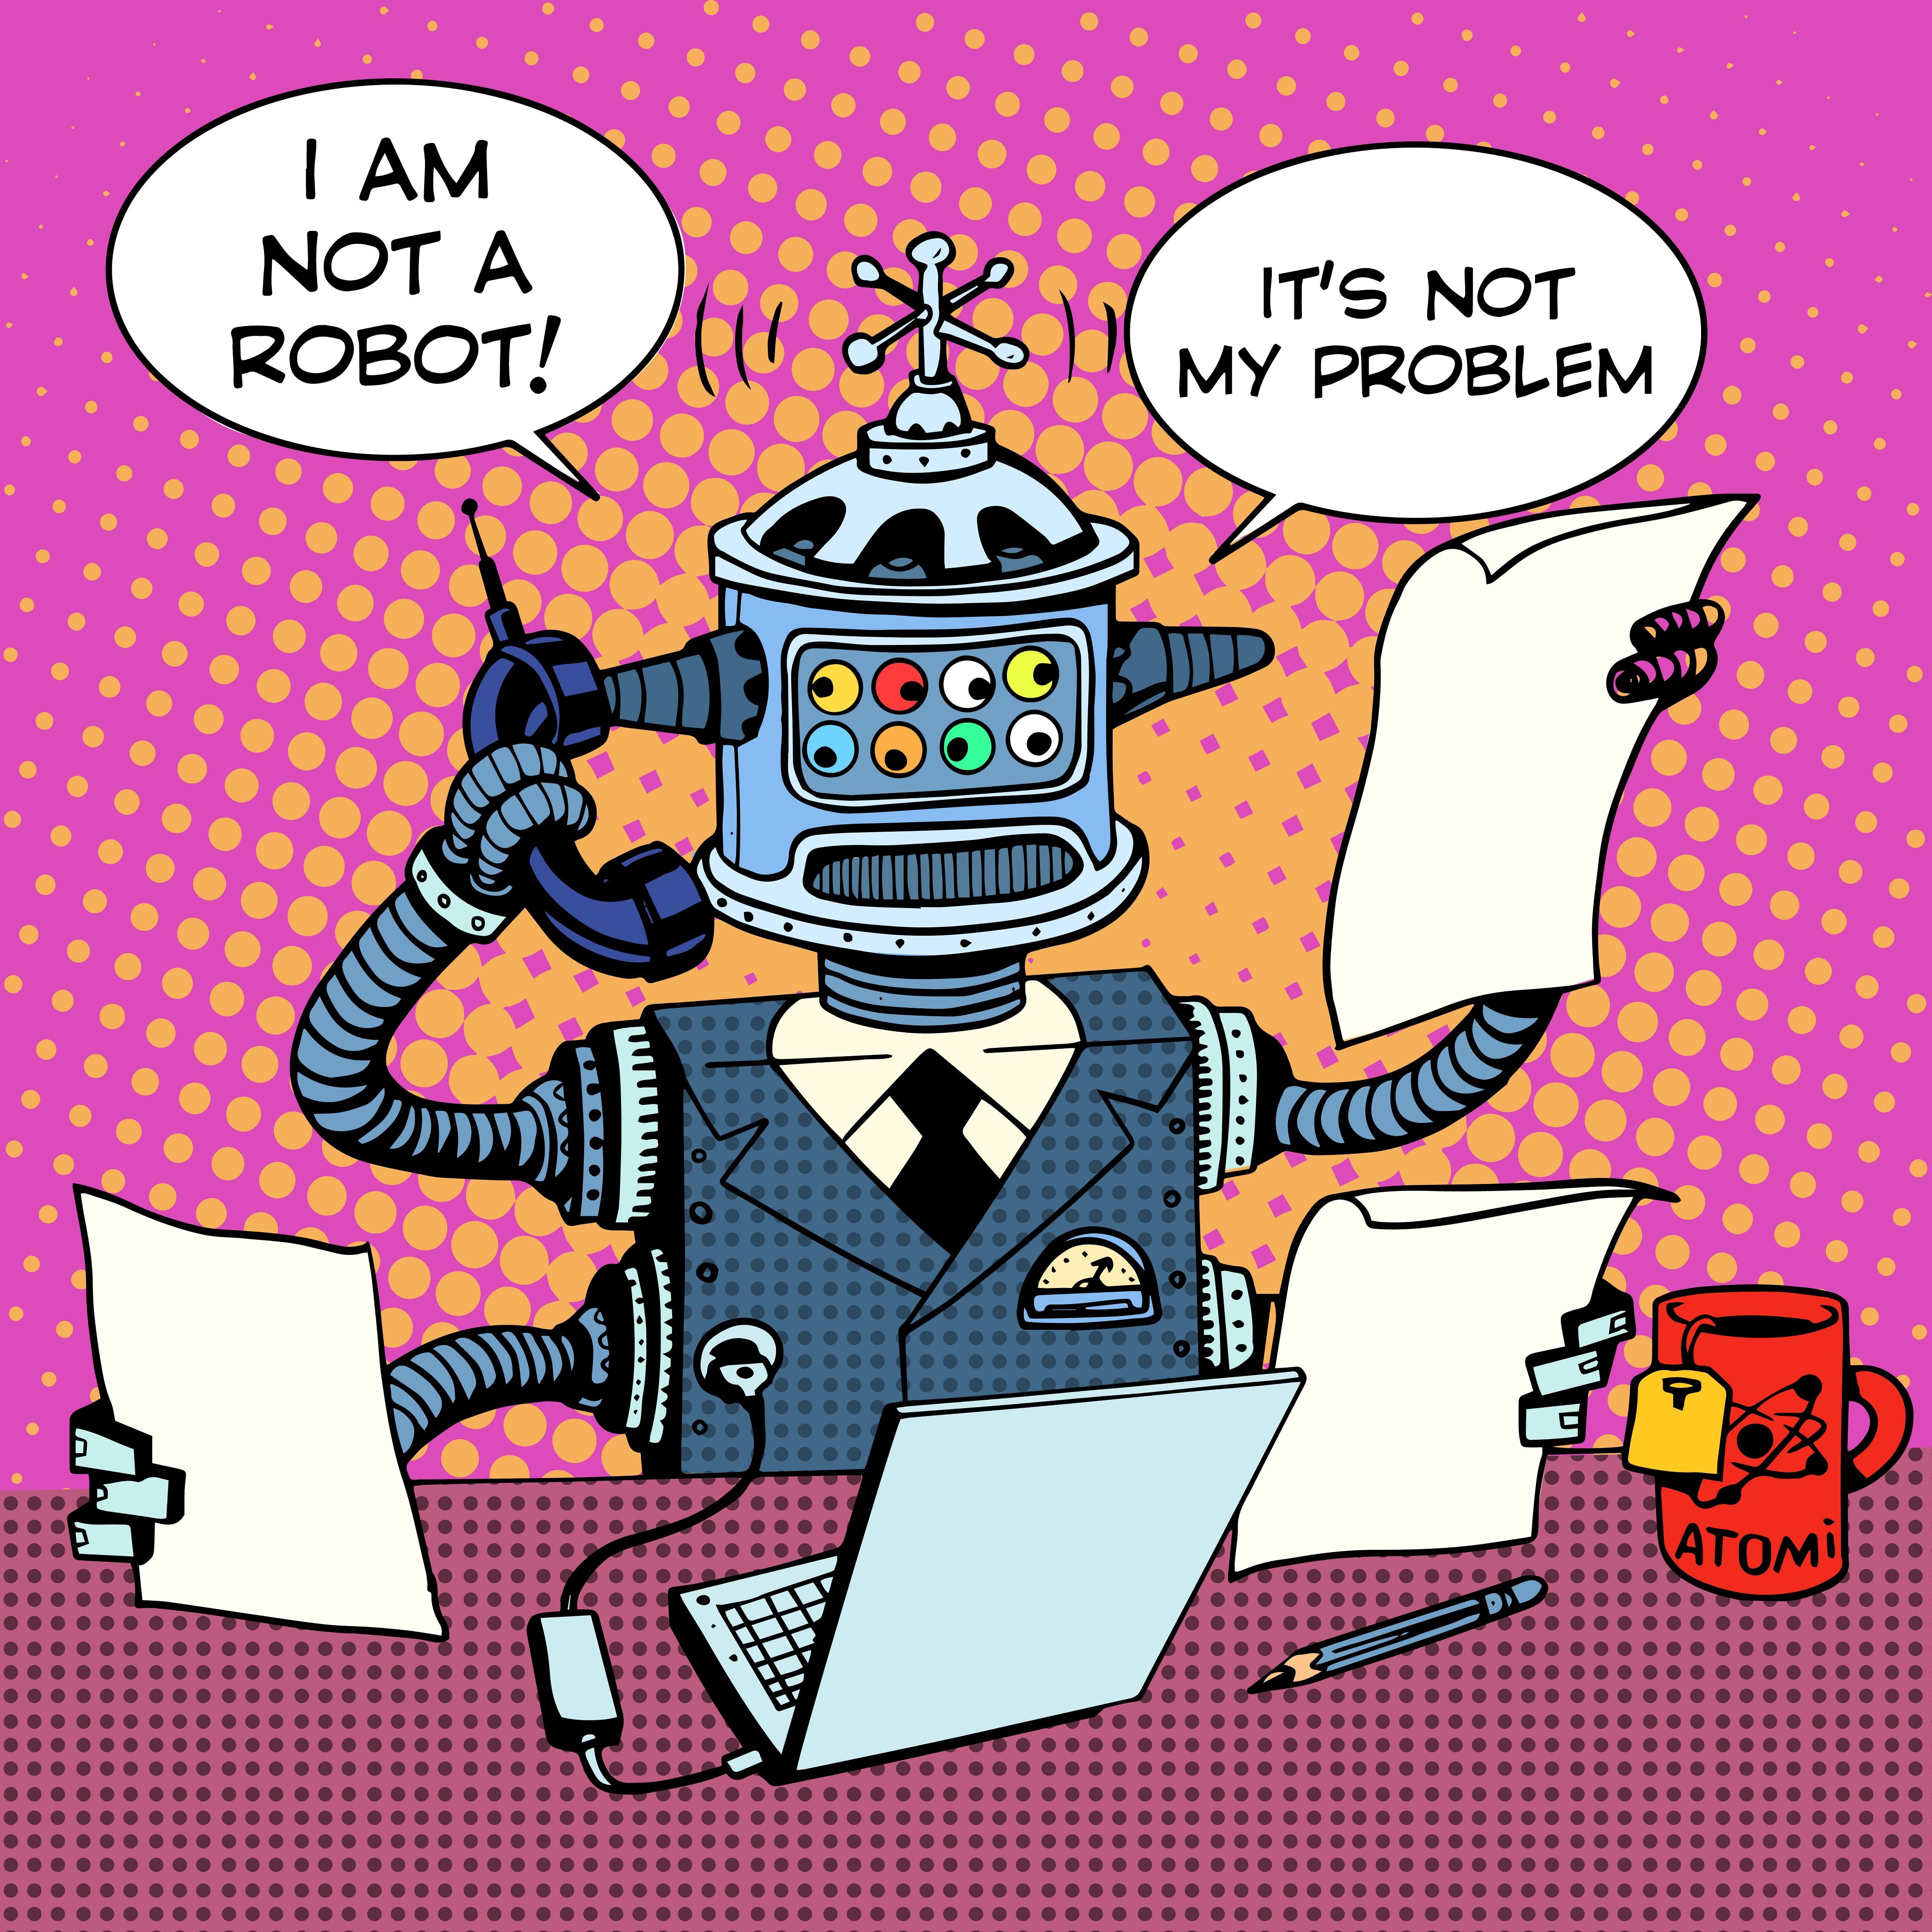 Автоматизация ответов на часто задаваемые вопросы в навыке для «Алисы» с помощью библиотеки DeepPavlov